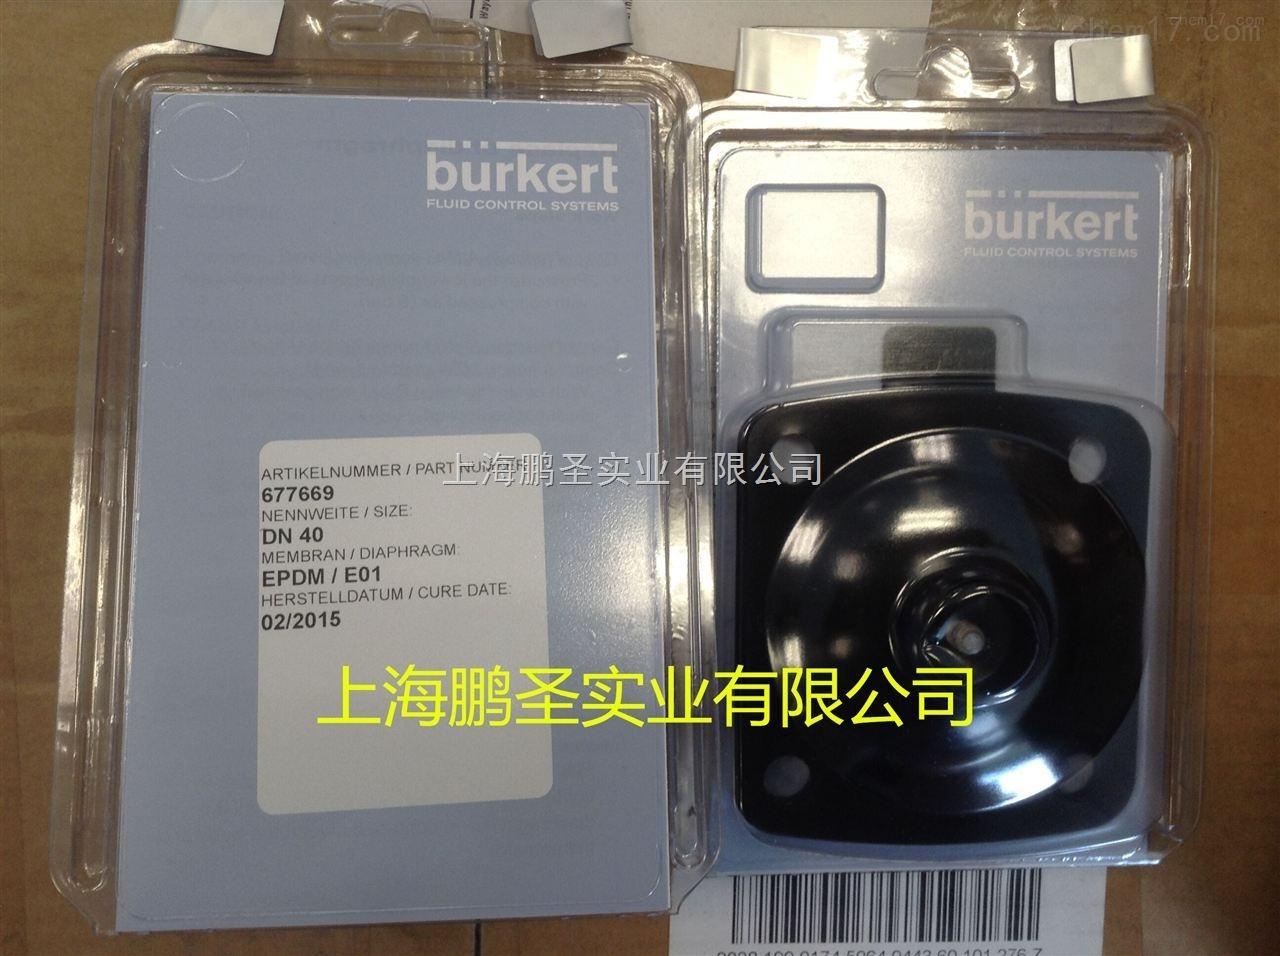 宝德burkert单膜片677669到货了